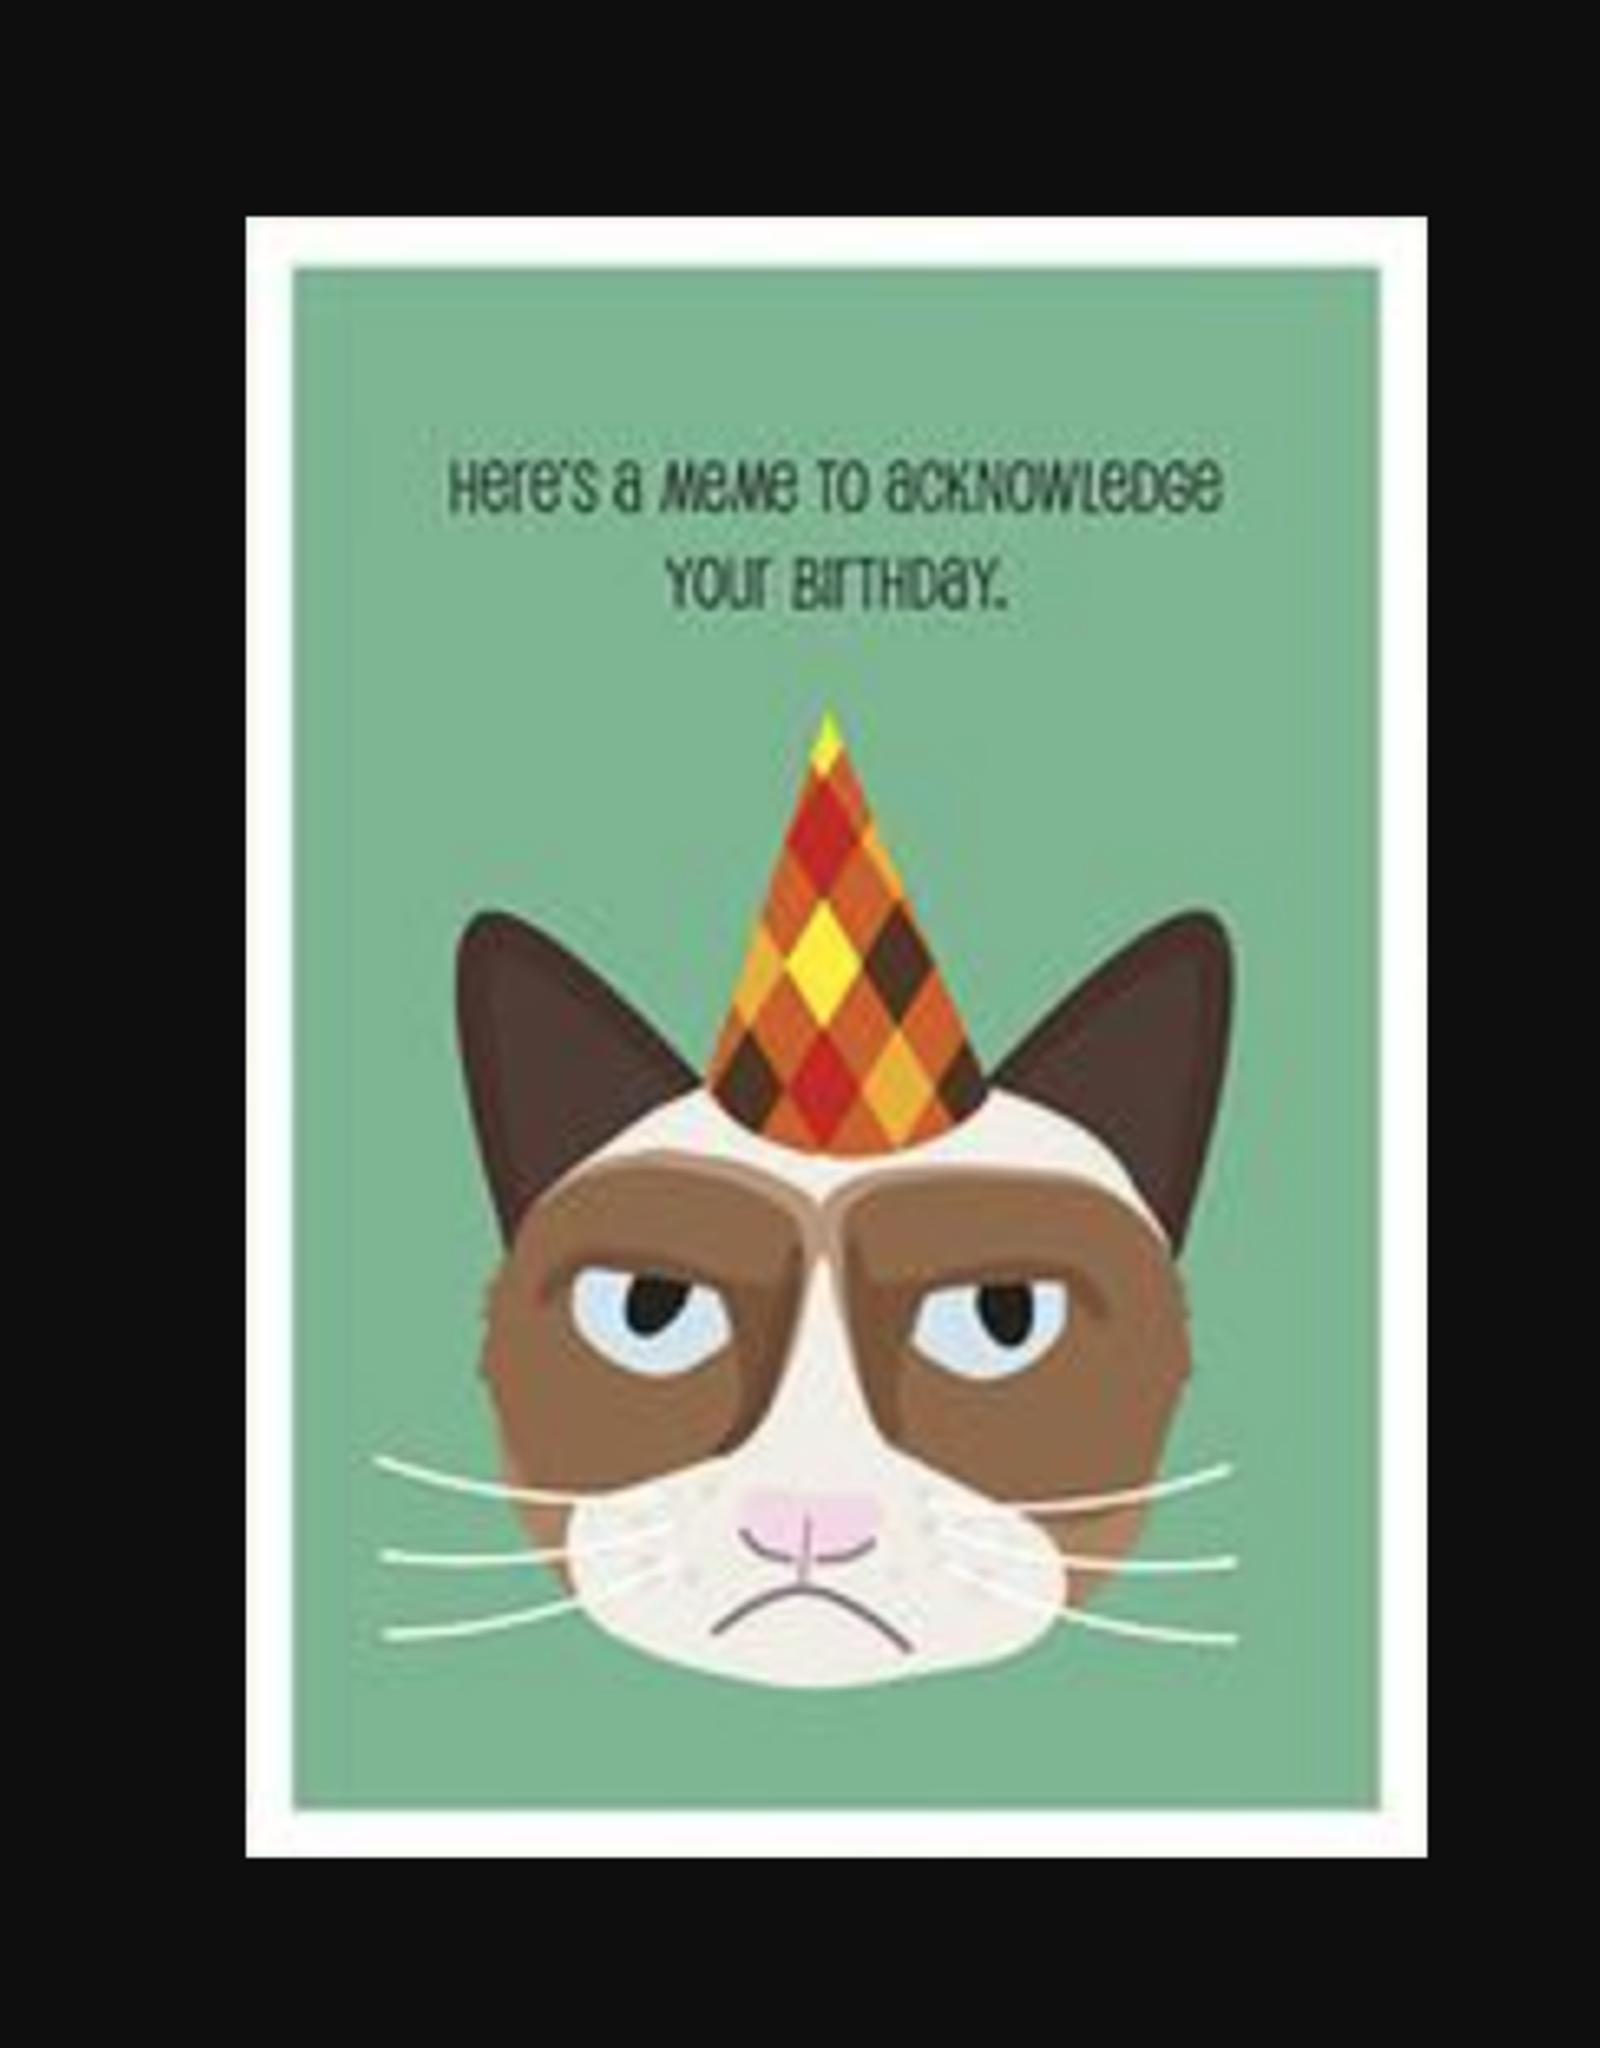 Seltzer Cat Meme Birthday Greeting Card - Seltzer